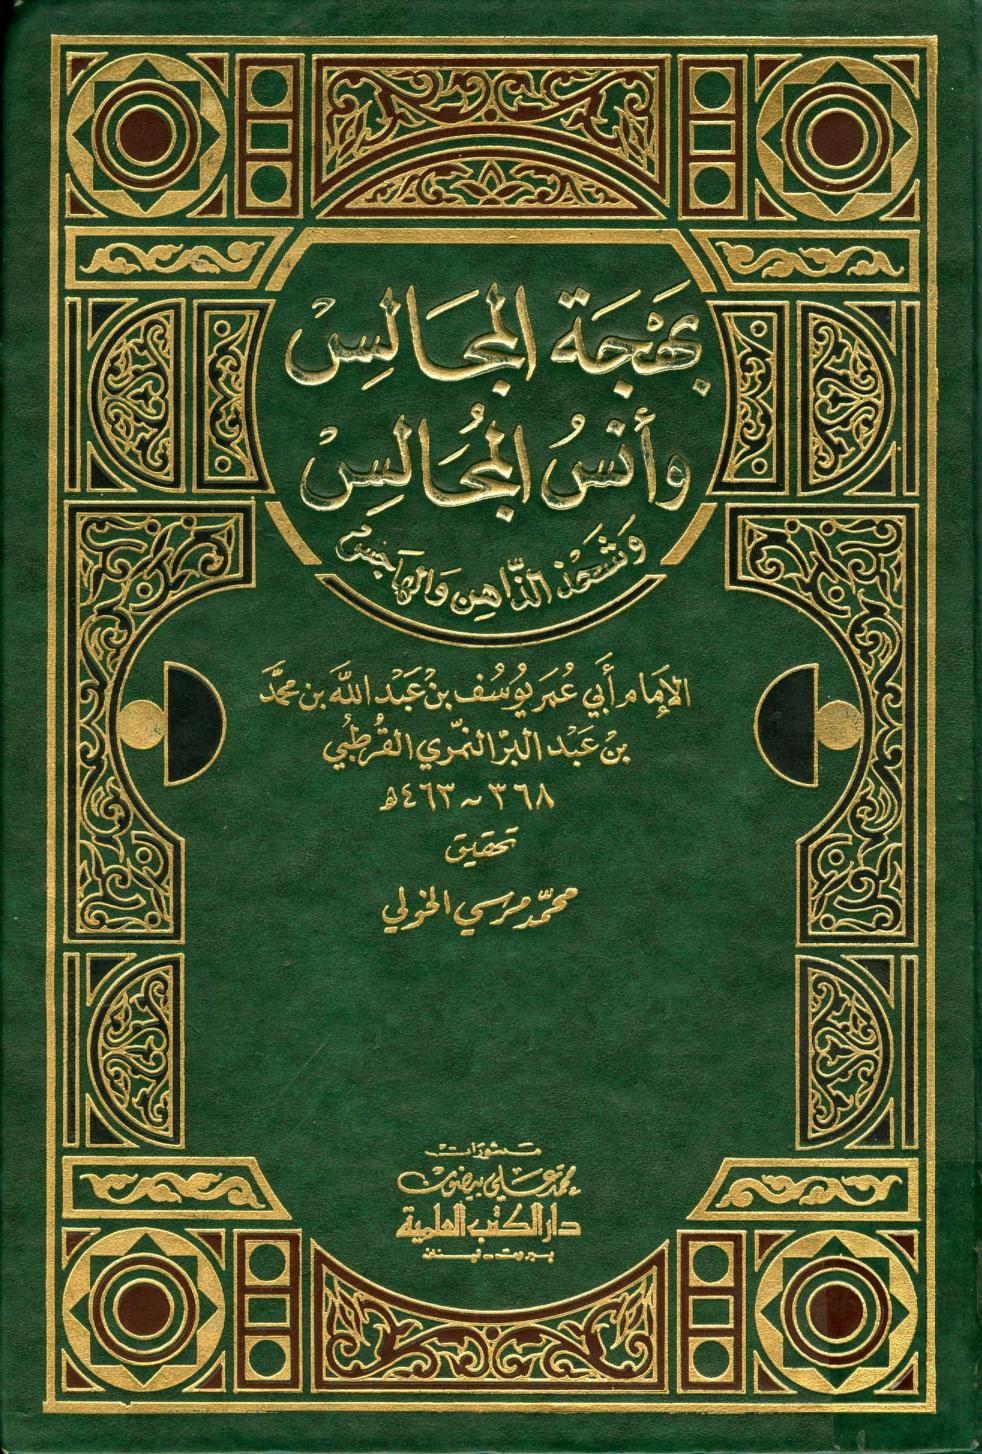 وزارة الأوقاف والشؤون الإسلامية السعودية